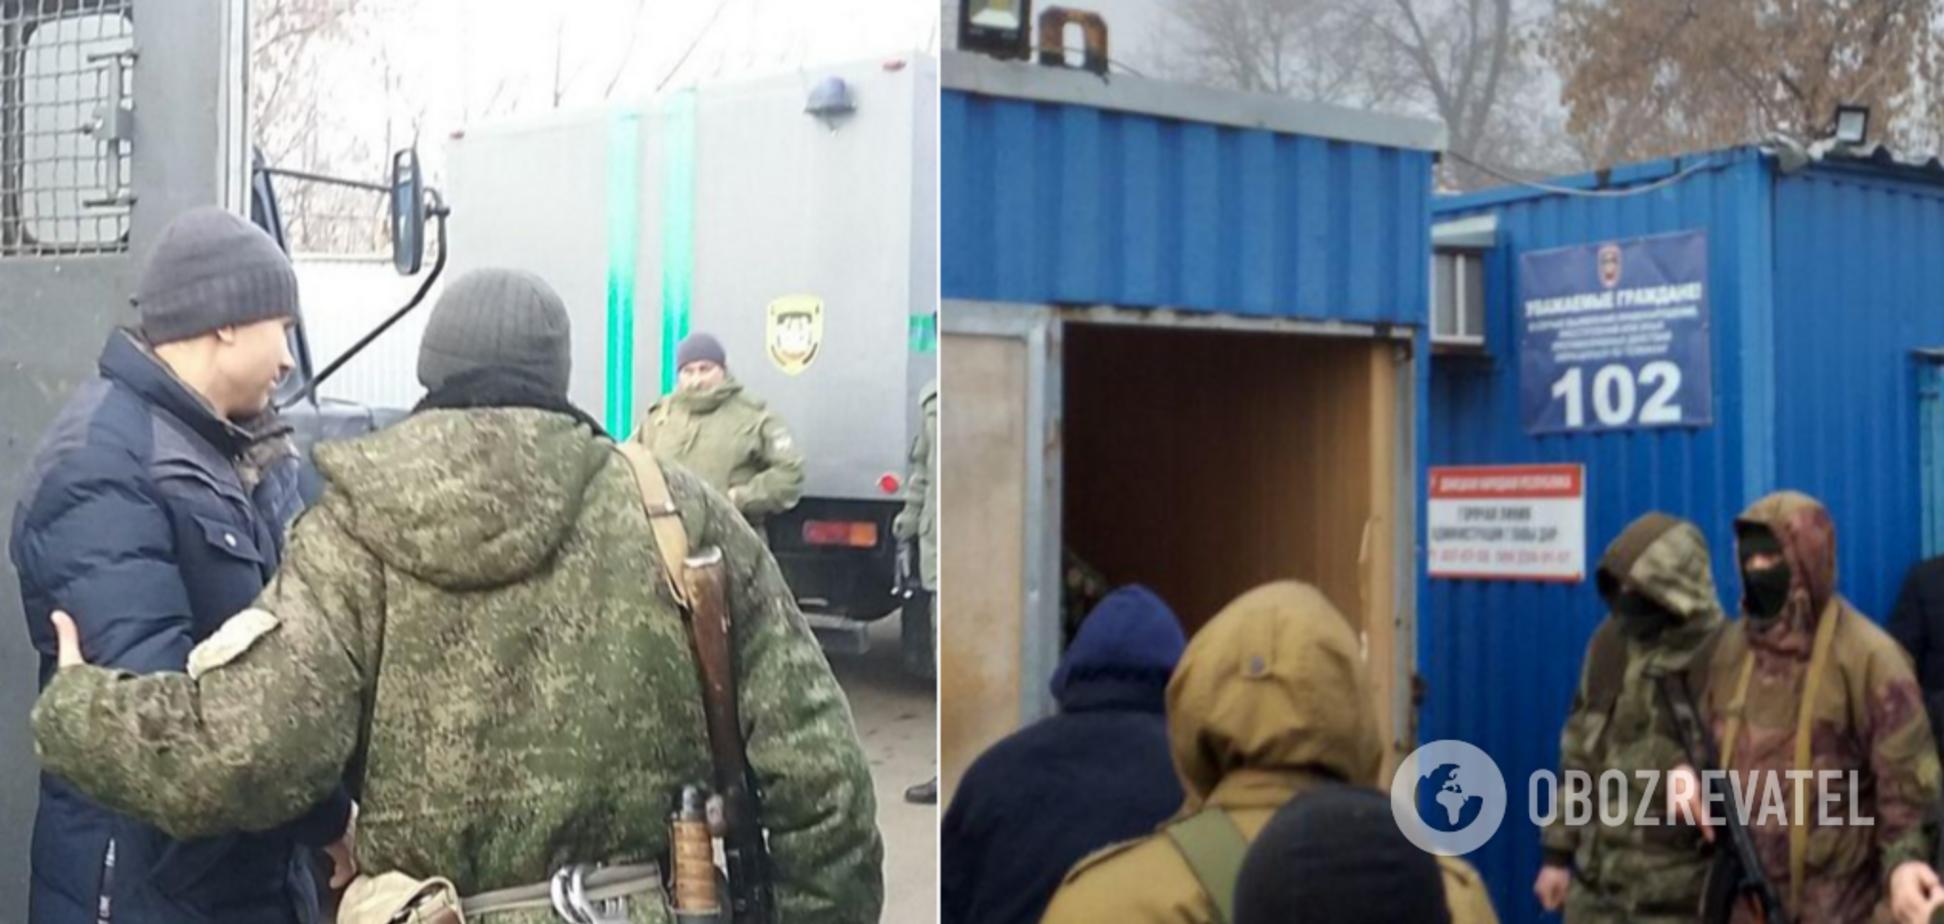 Як 'Л/ДНР' повертали полонених українців: фото і відео